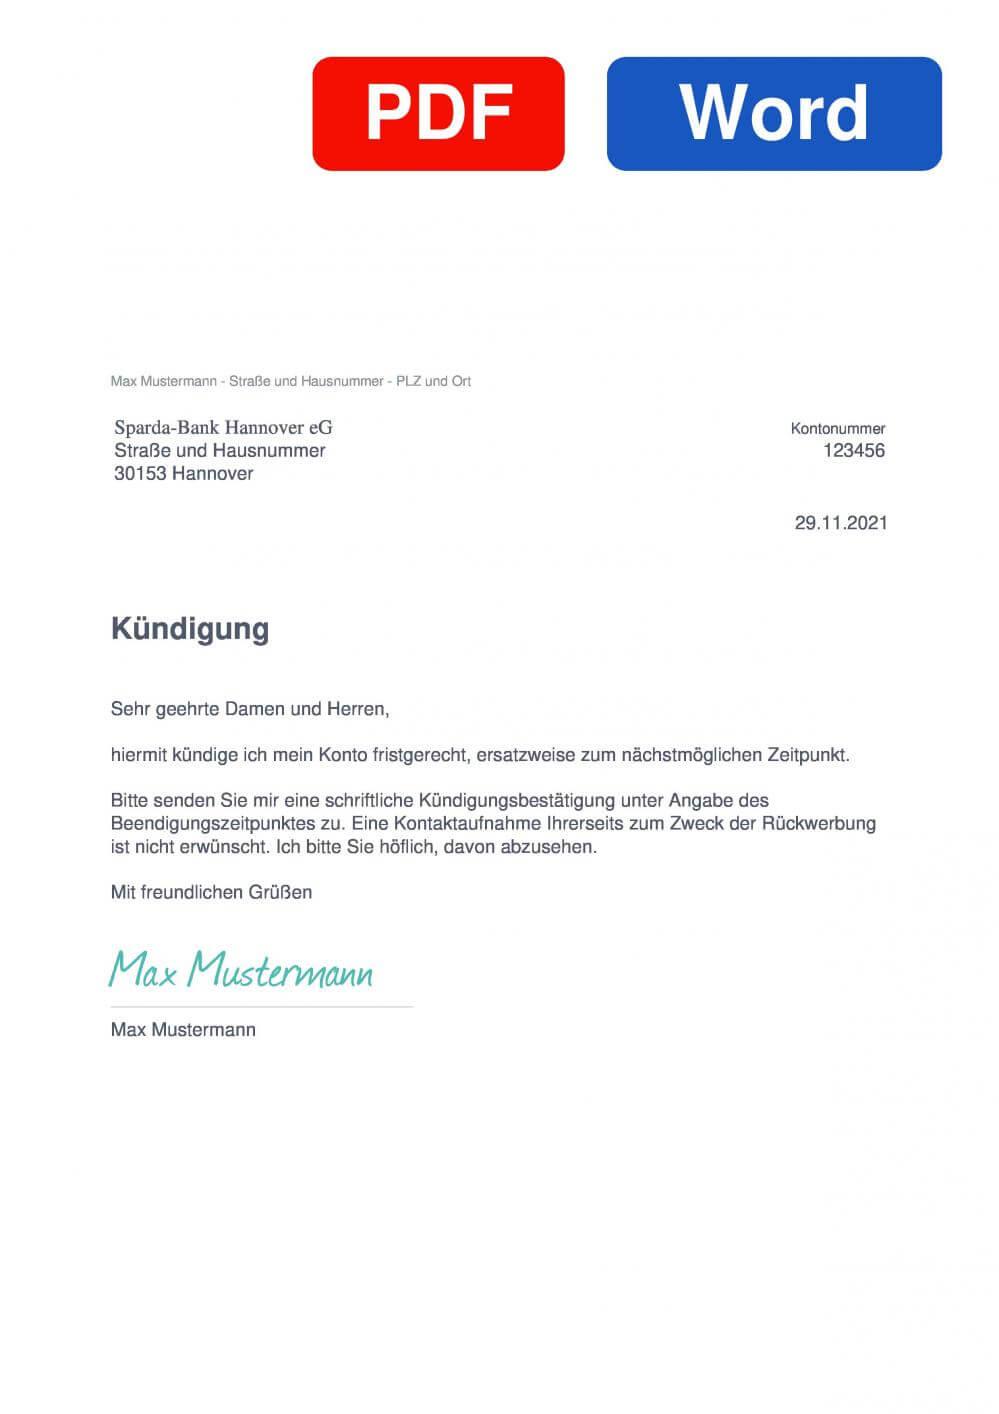 Sparda-Bank Hannover Muster Vorlage für Kündigungsschreiben